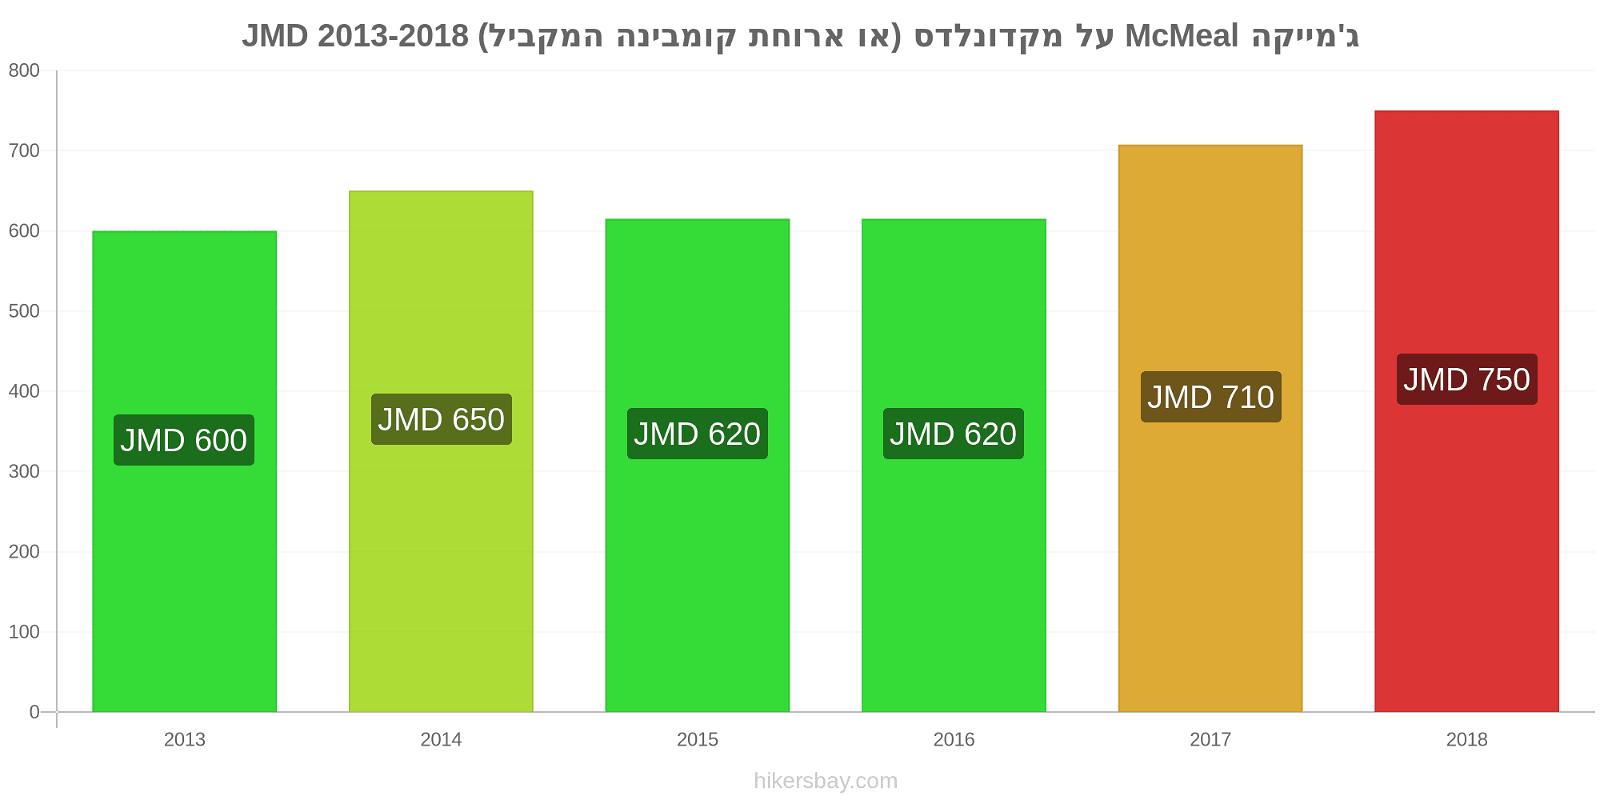 ג'מייקה שינויי מחירים McMeal על מקדונלדס (או ארוחת קומבינה המקביל) hikersbay.com